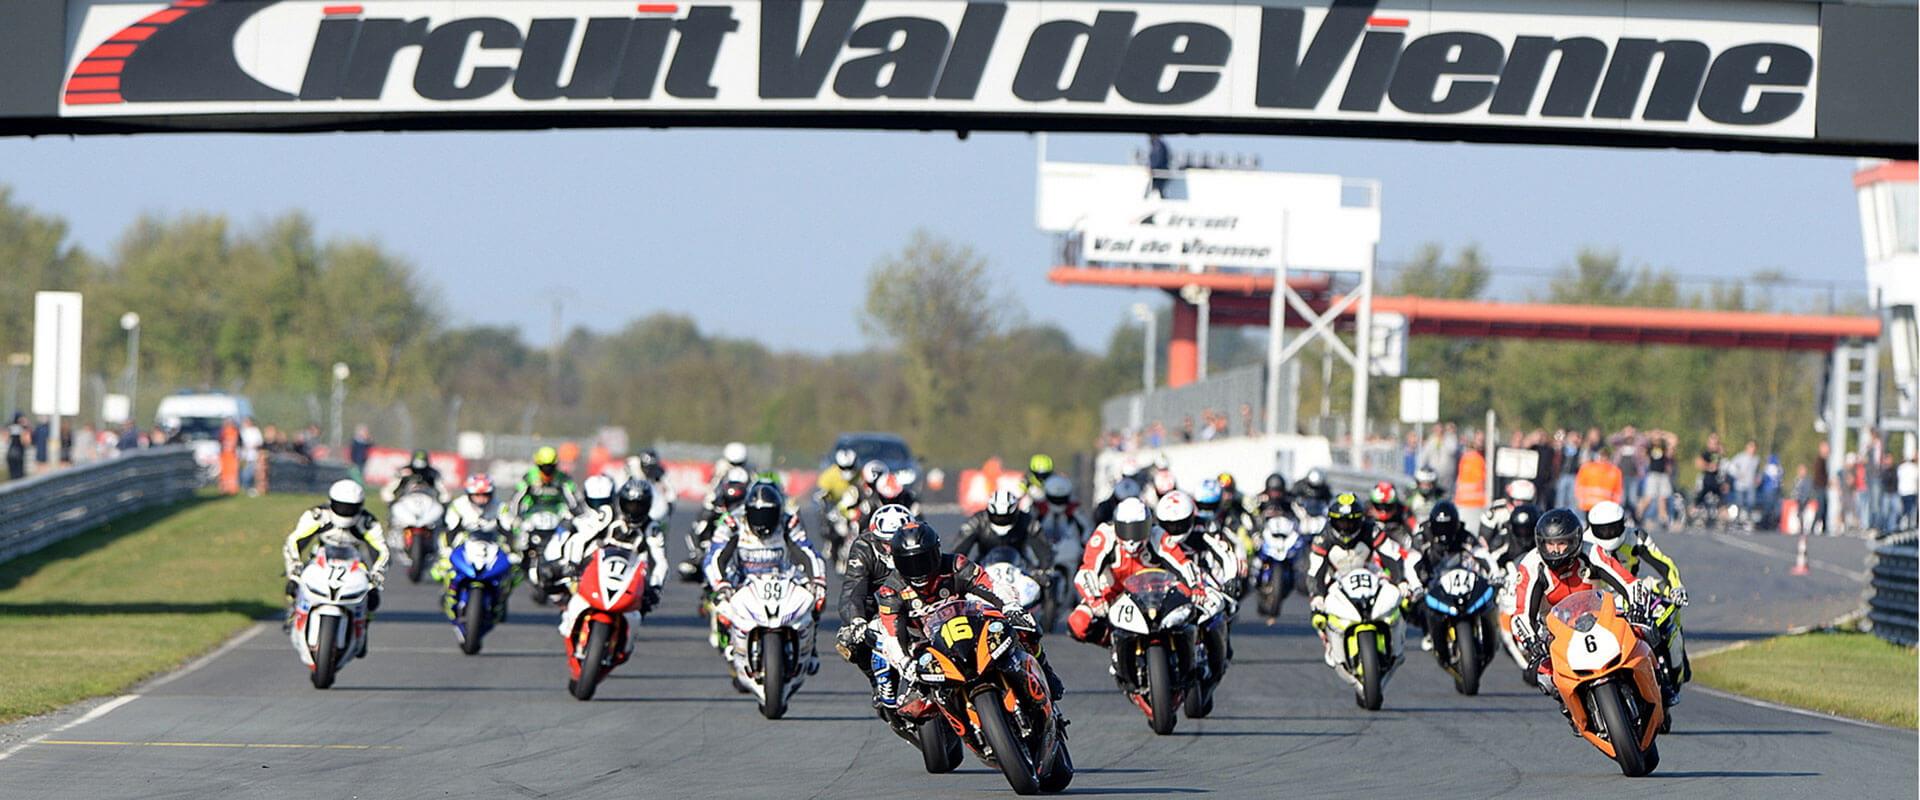 Circuit Val De Vienne Calendrier 2019.Ticket Journee De Roulage 2019 09 15 16